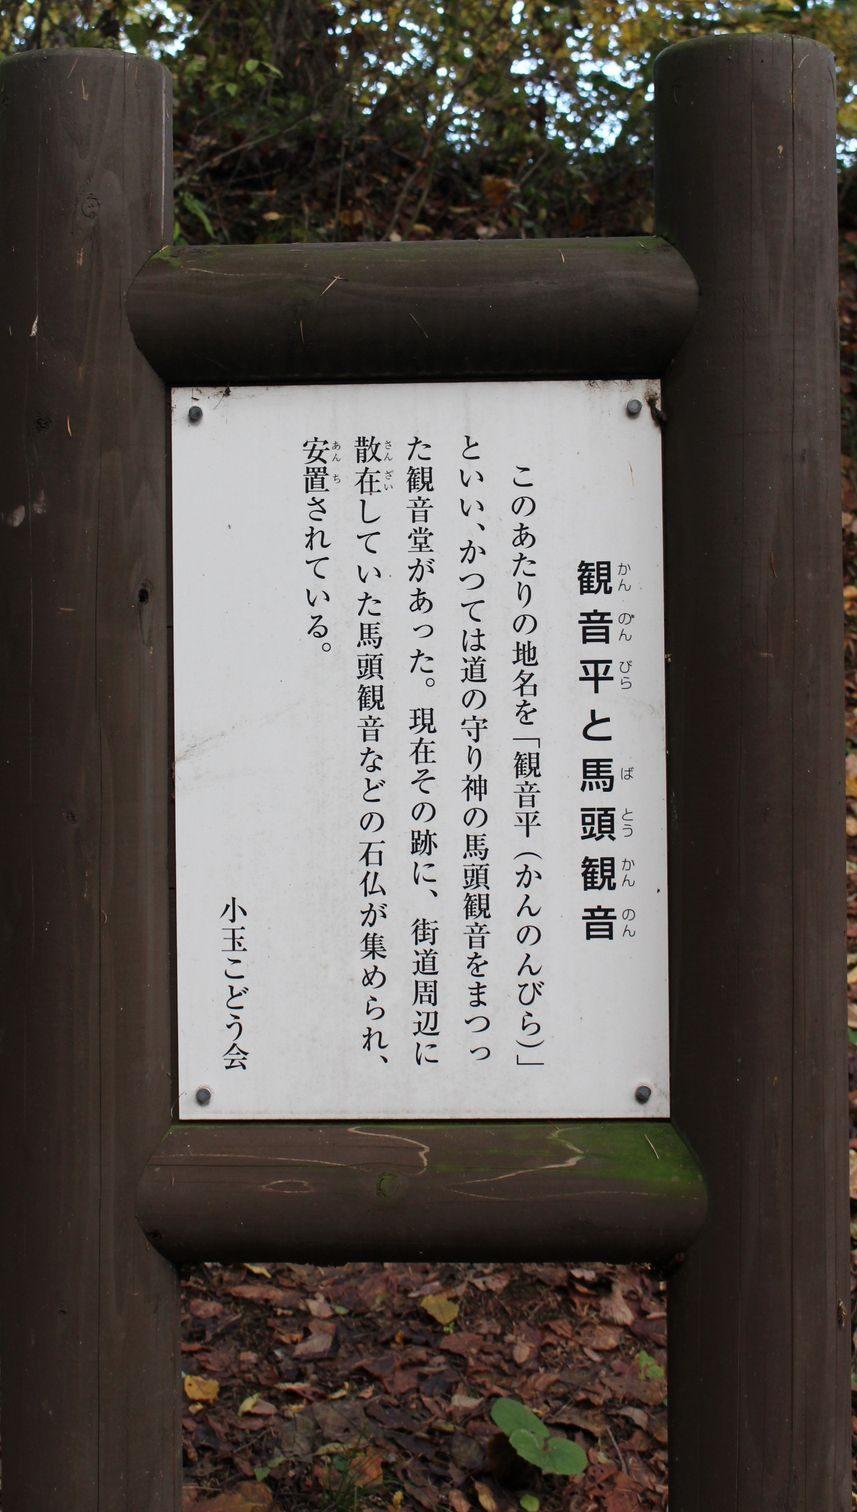 6古道(こどう)と観音平(かんのんびら)(馬頭観音)